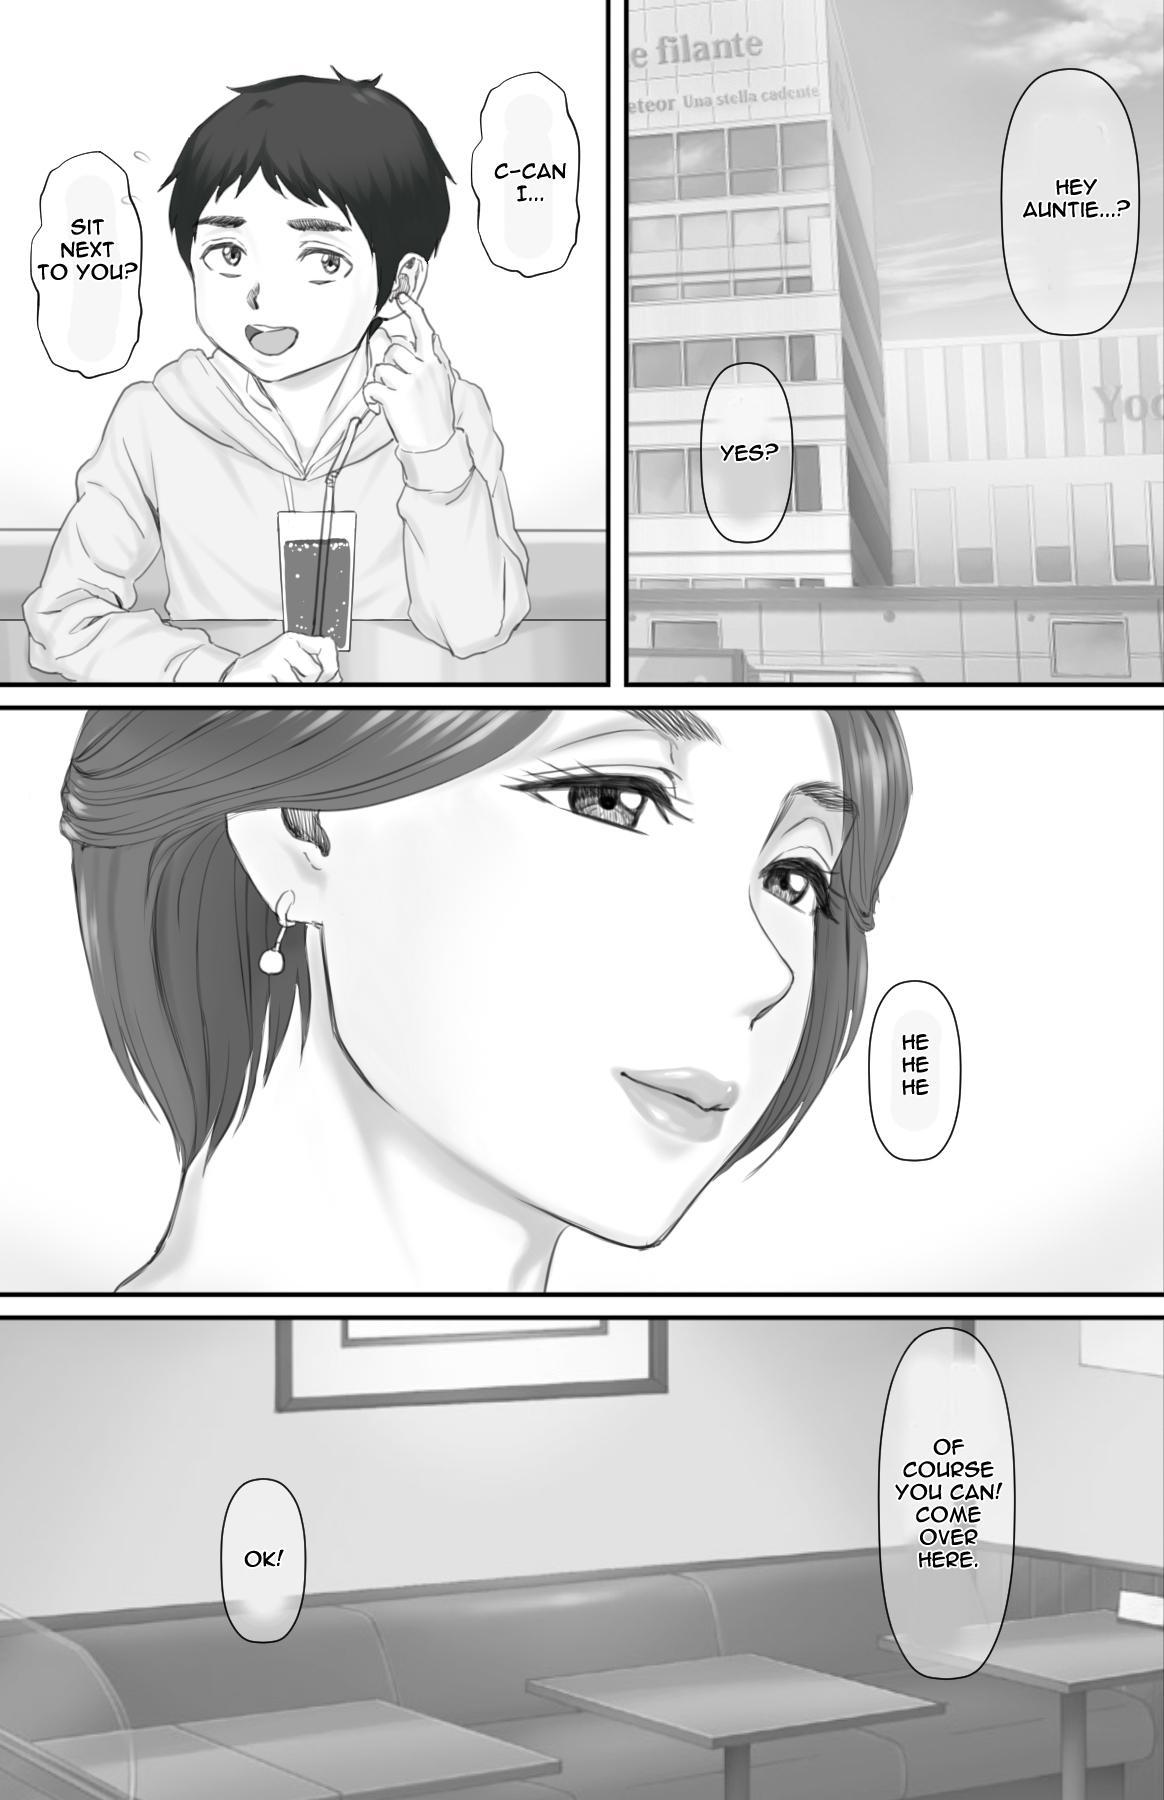 [Ponkotsu Damashii] Boku no Kanojo wa 40-sai no Hitozuma de Mama no Tomodachi | My Girlfriend is my mom's friend - A 40 year old housewife [English] [Jashinslayer] 18